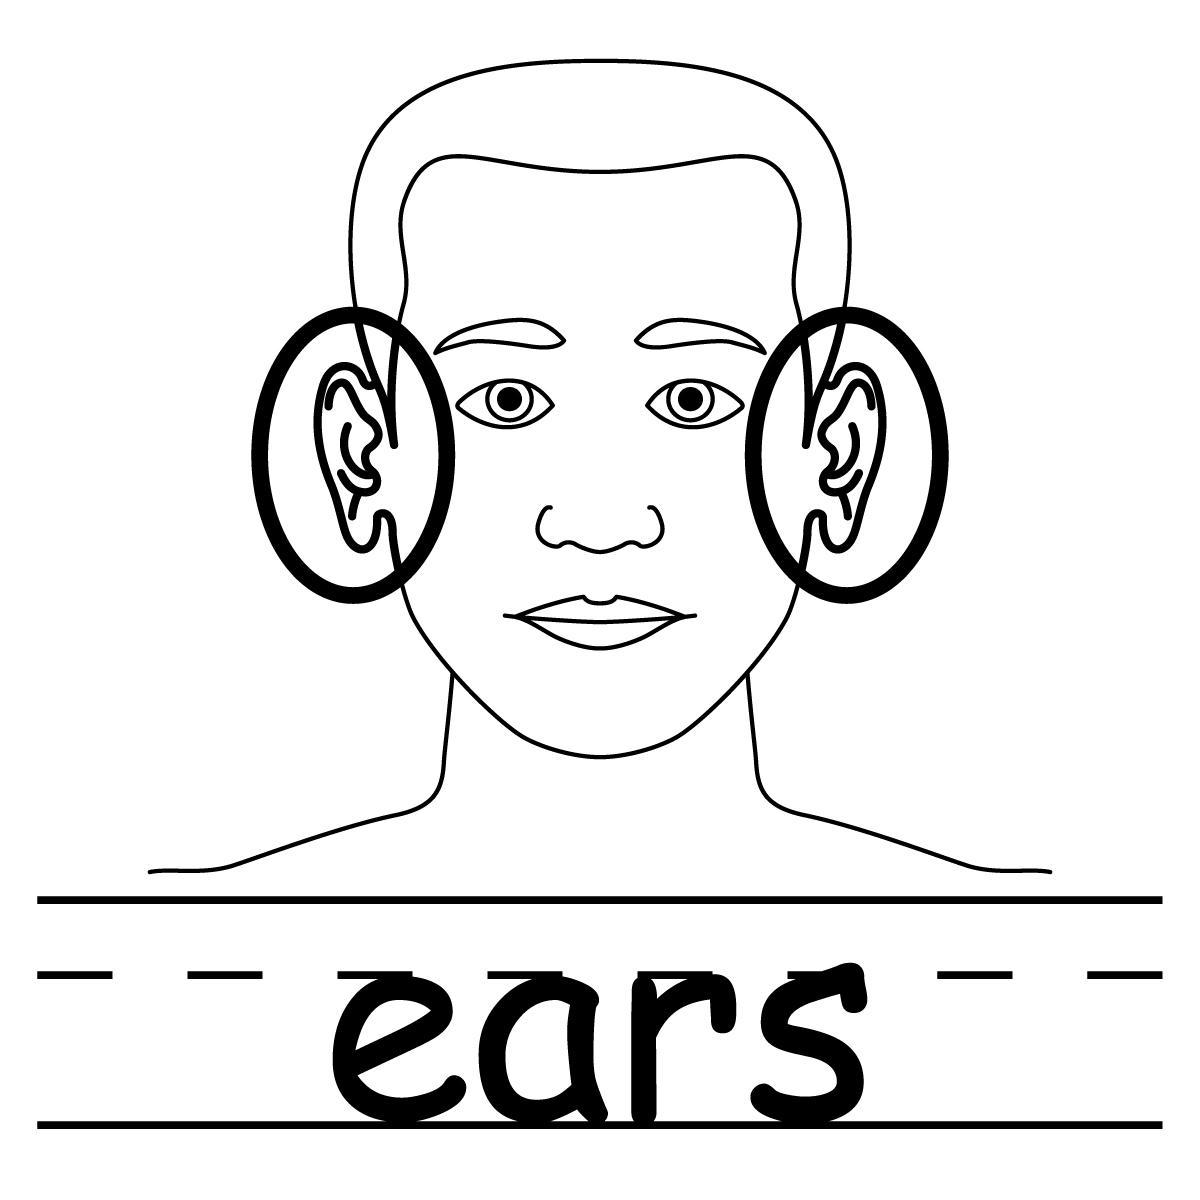 Fichas De Ingles Ficha Face 5 Flashcard Ears